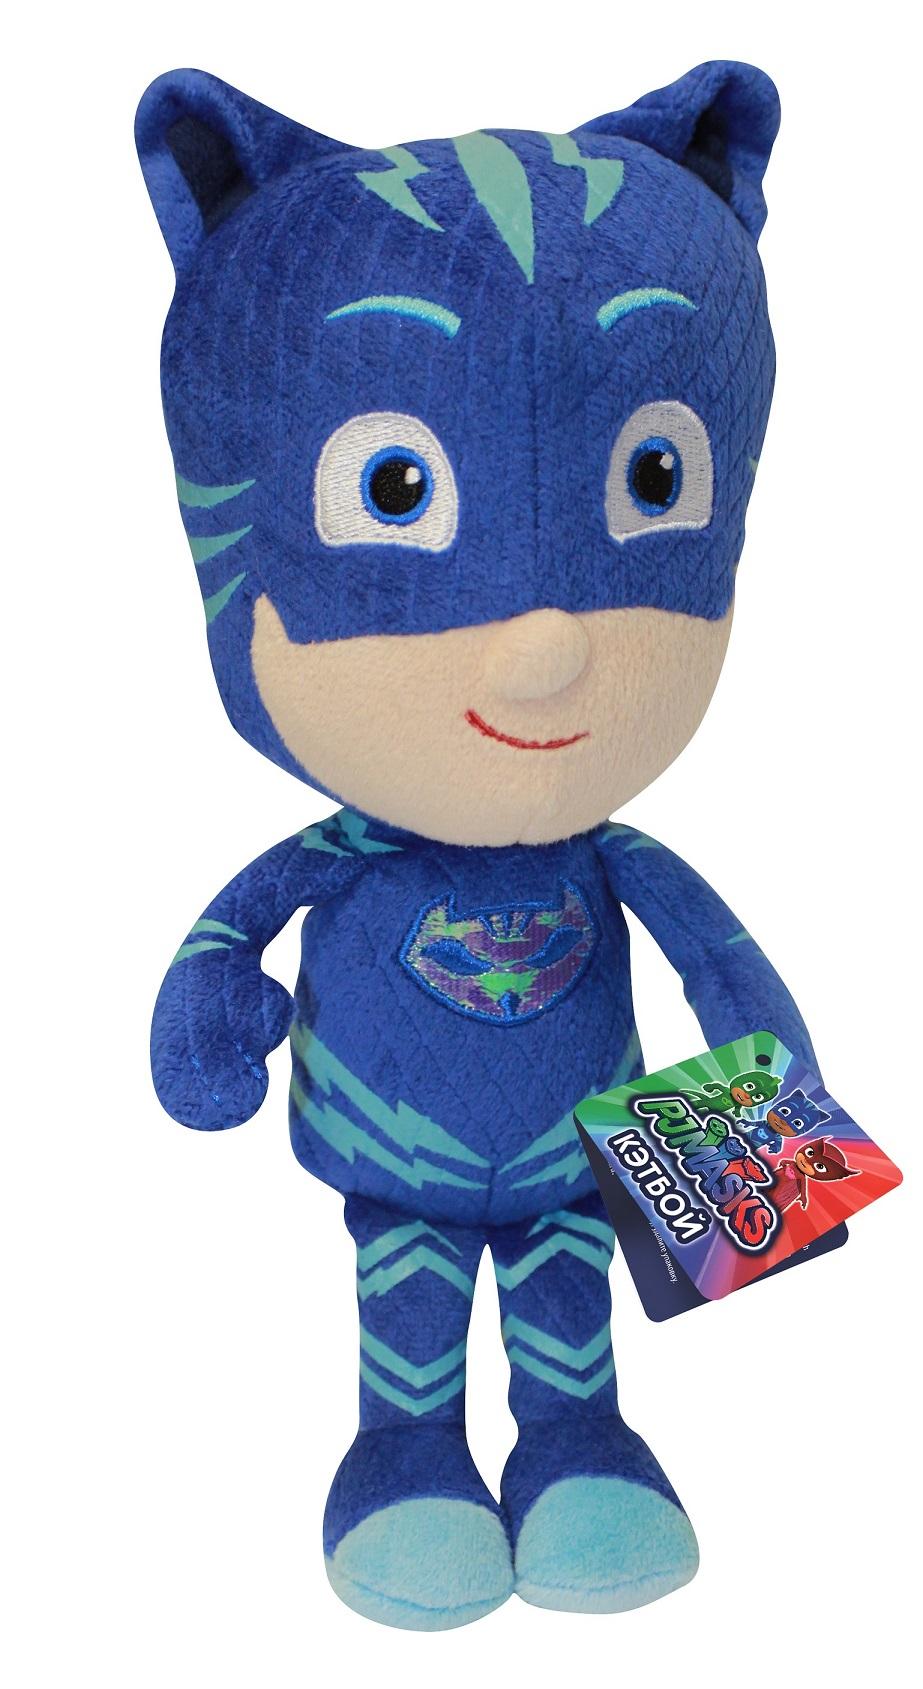 Купить Мягкая игрушка Кэтбой из серии Герои в масках, 20 см., Росмэн